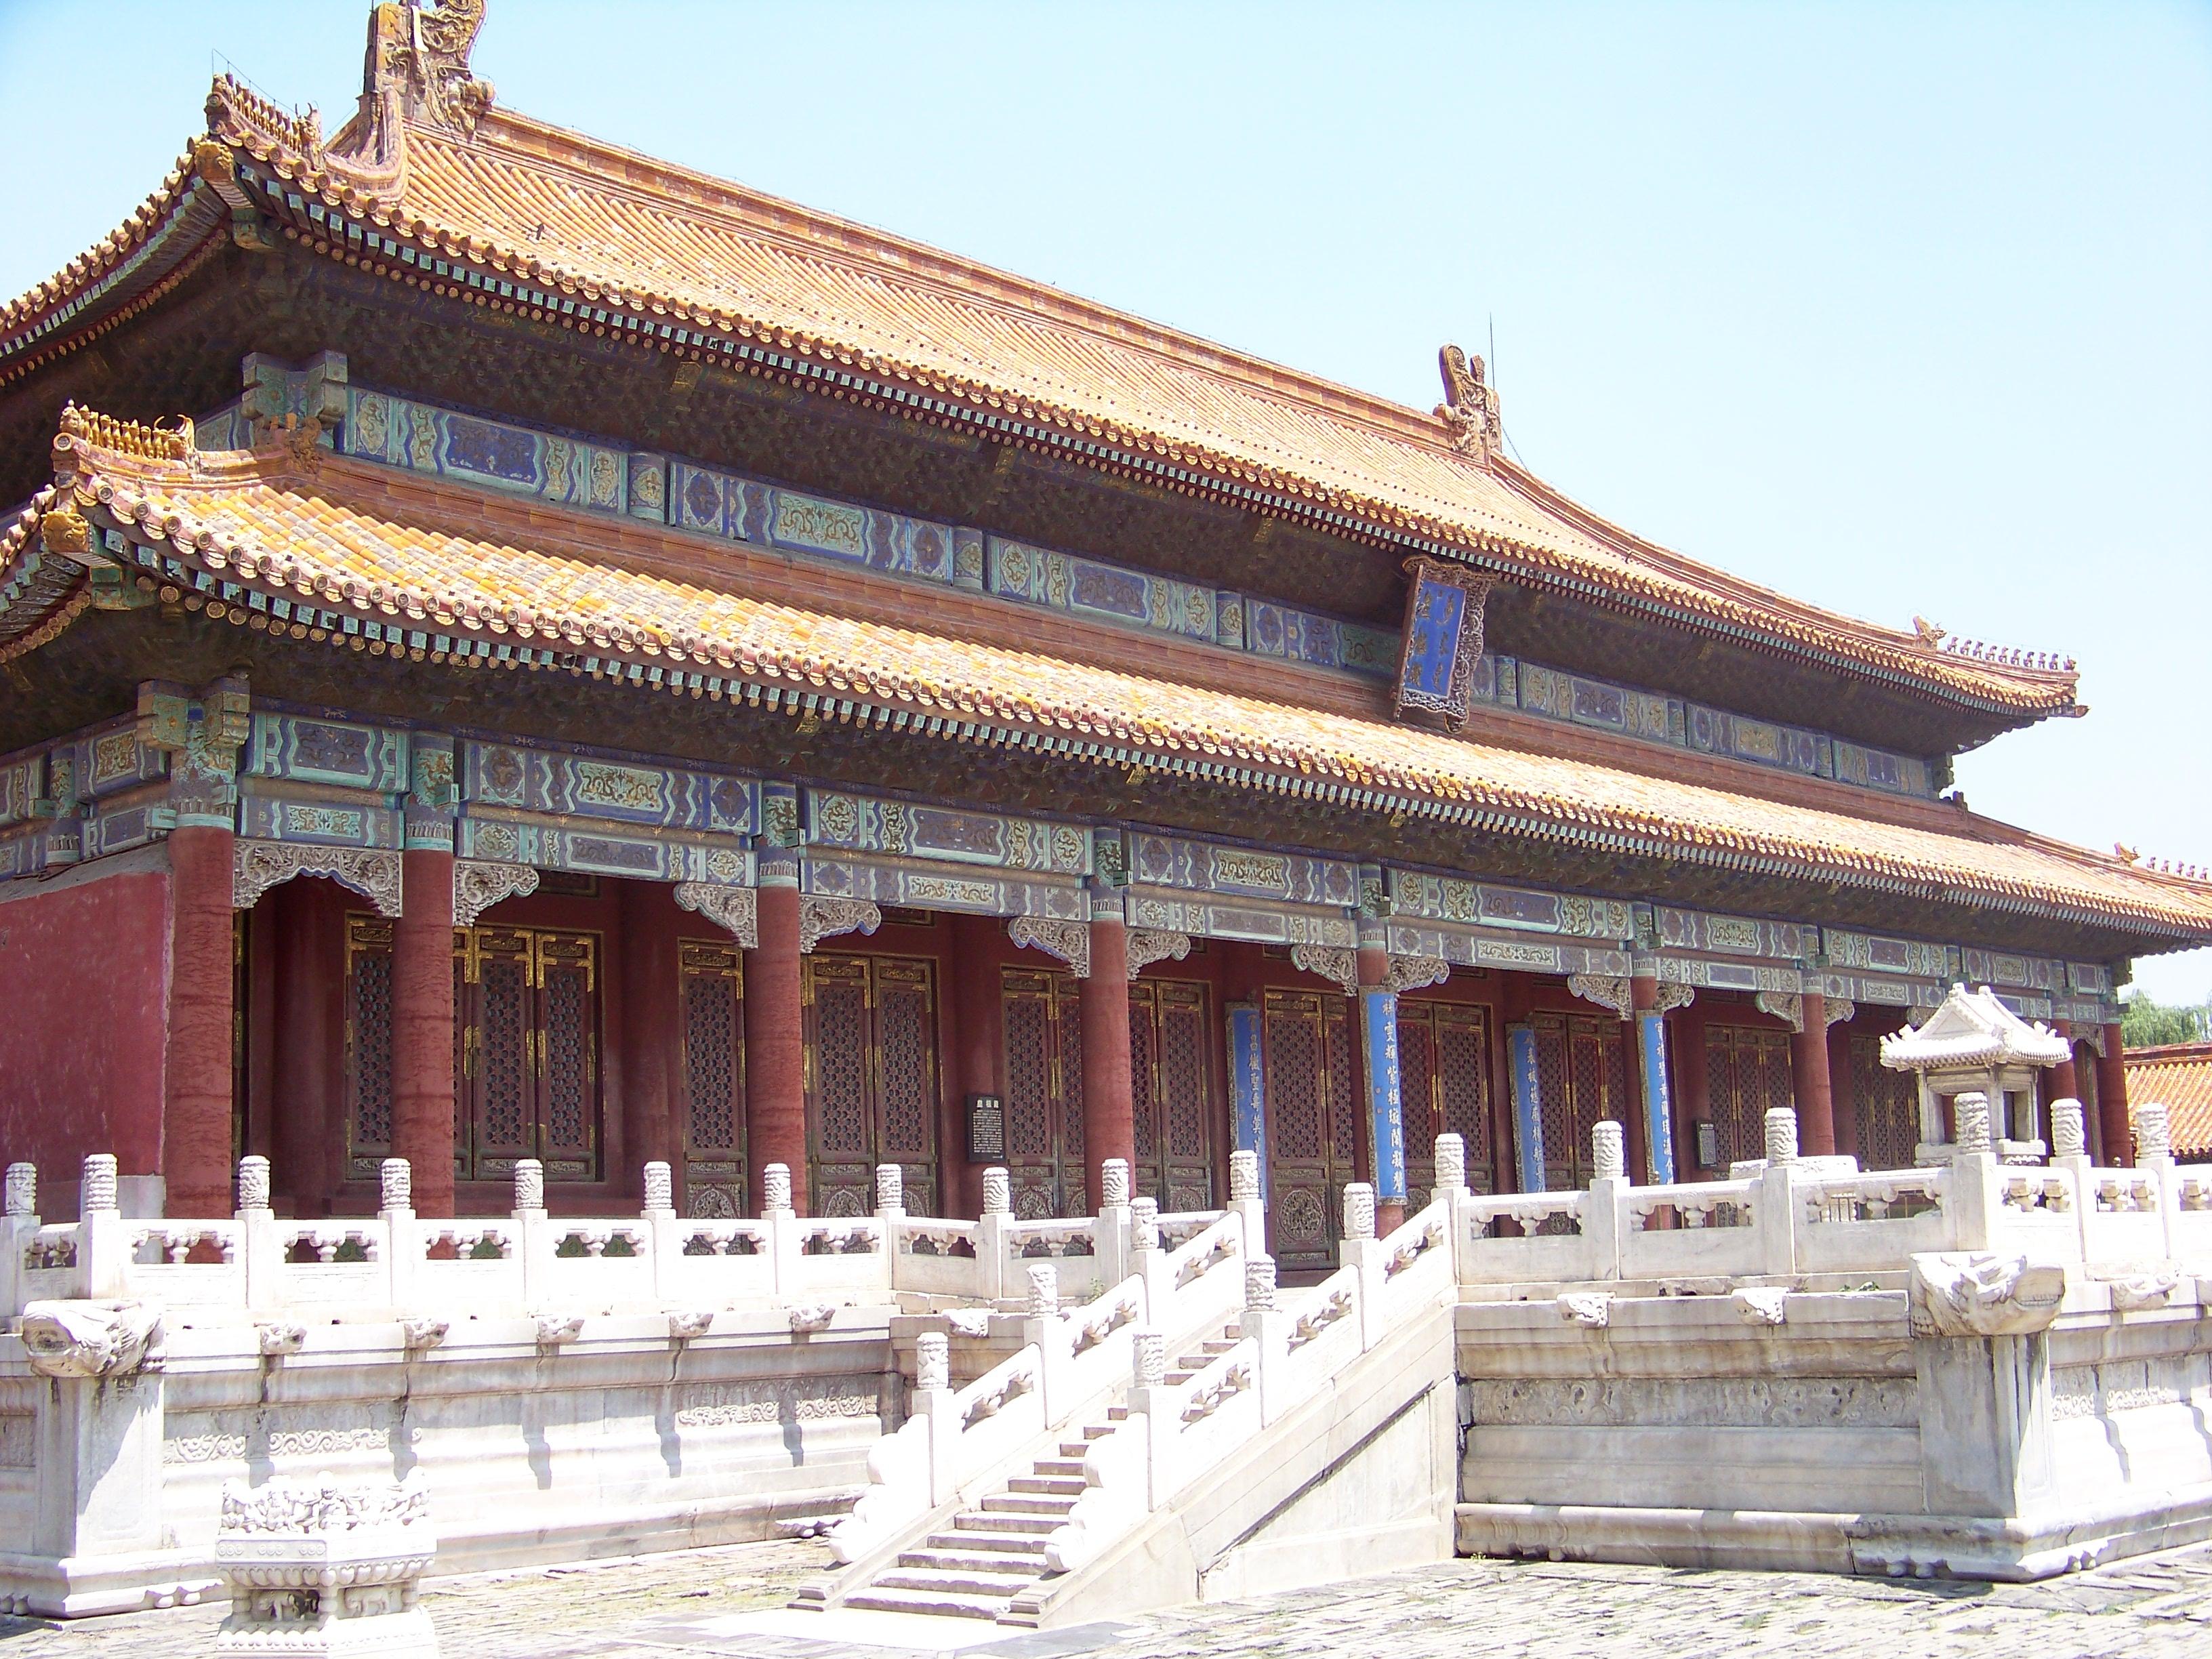 【携程攻略】北京故宫适合朋友出游旅游吗